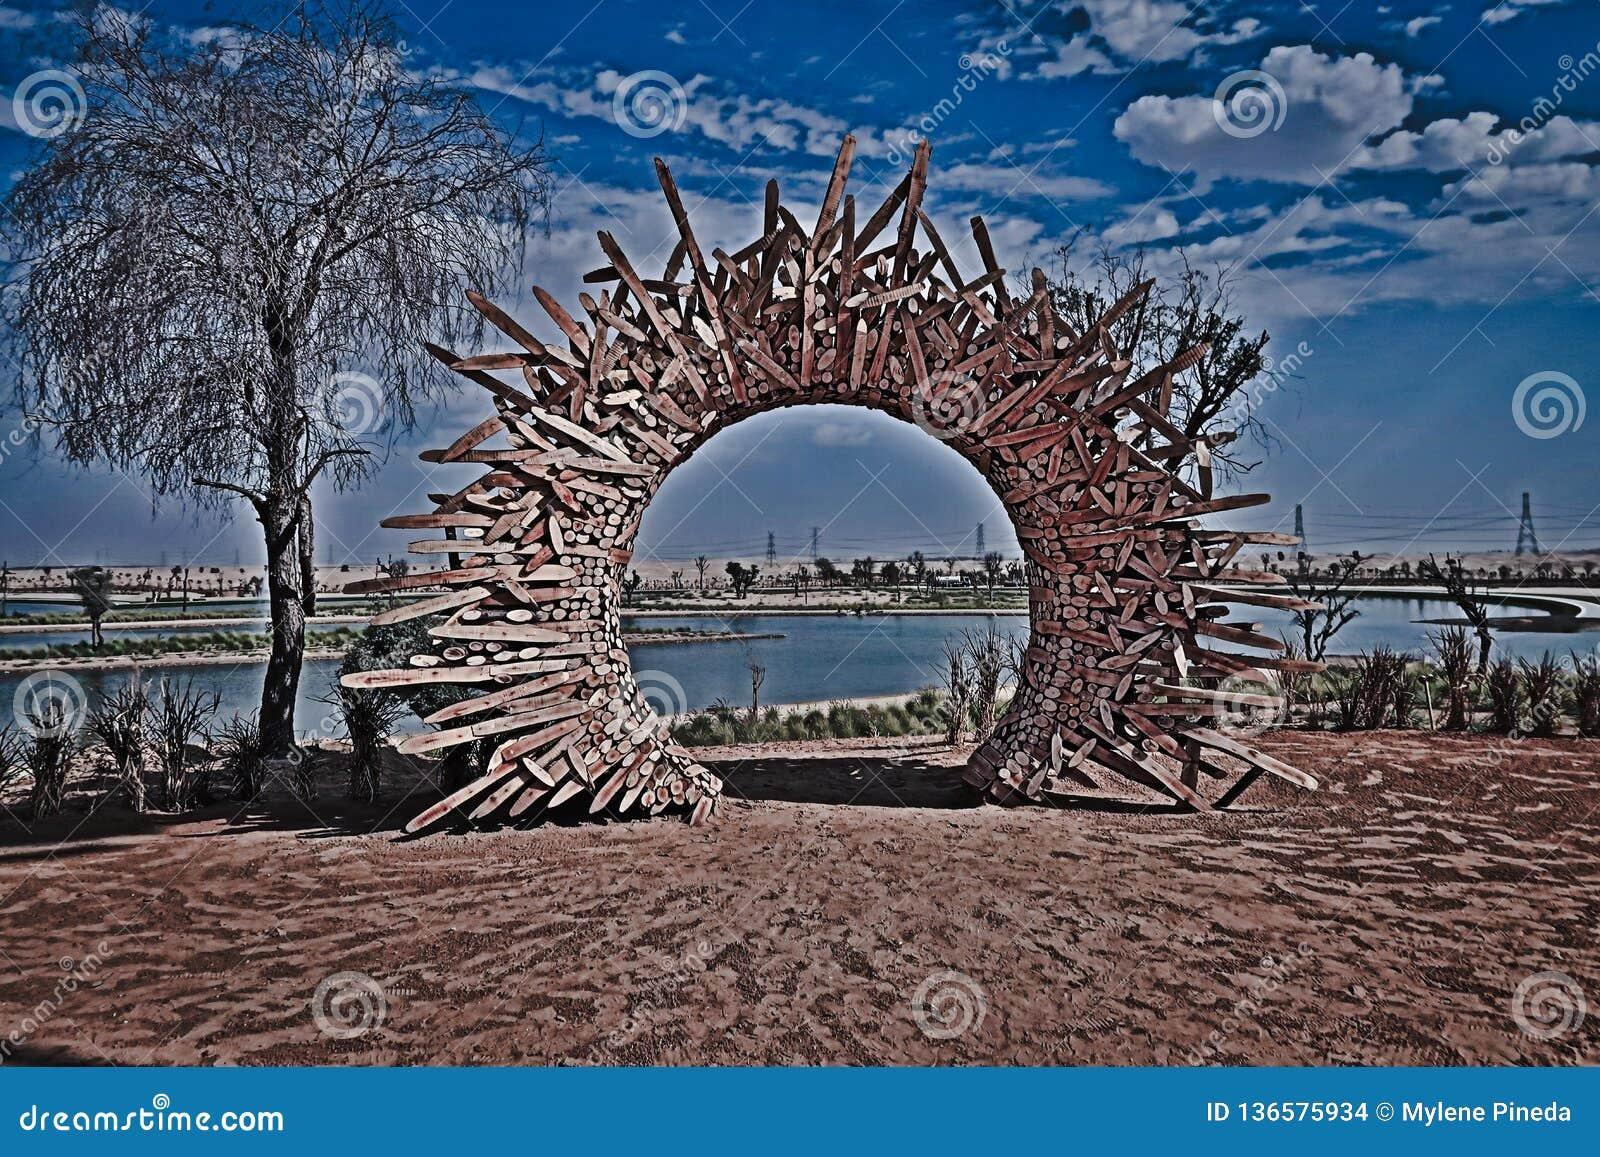 Portal dos lagos love